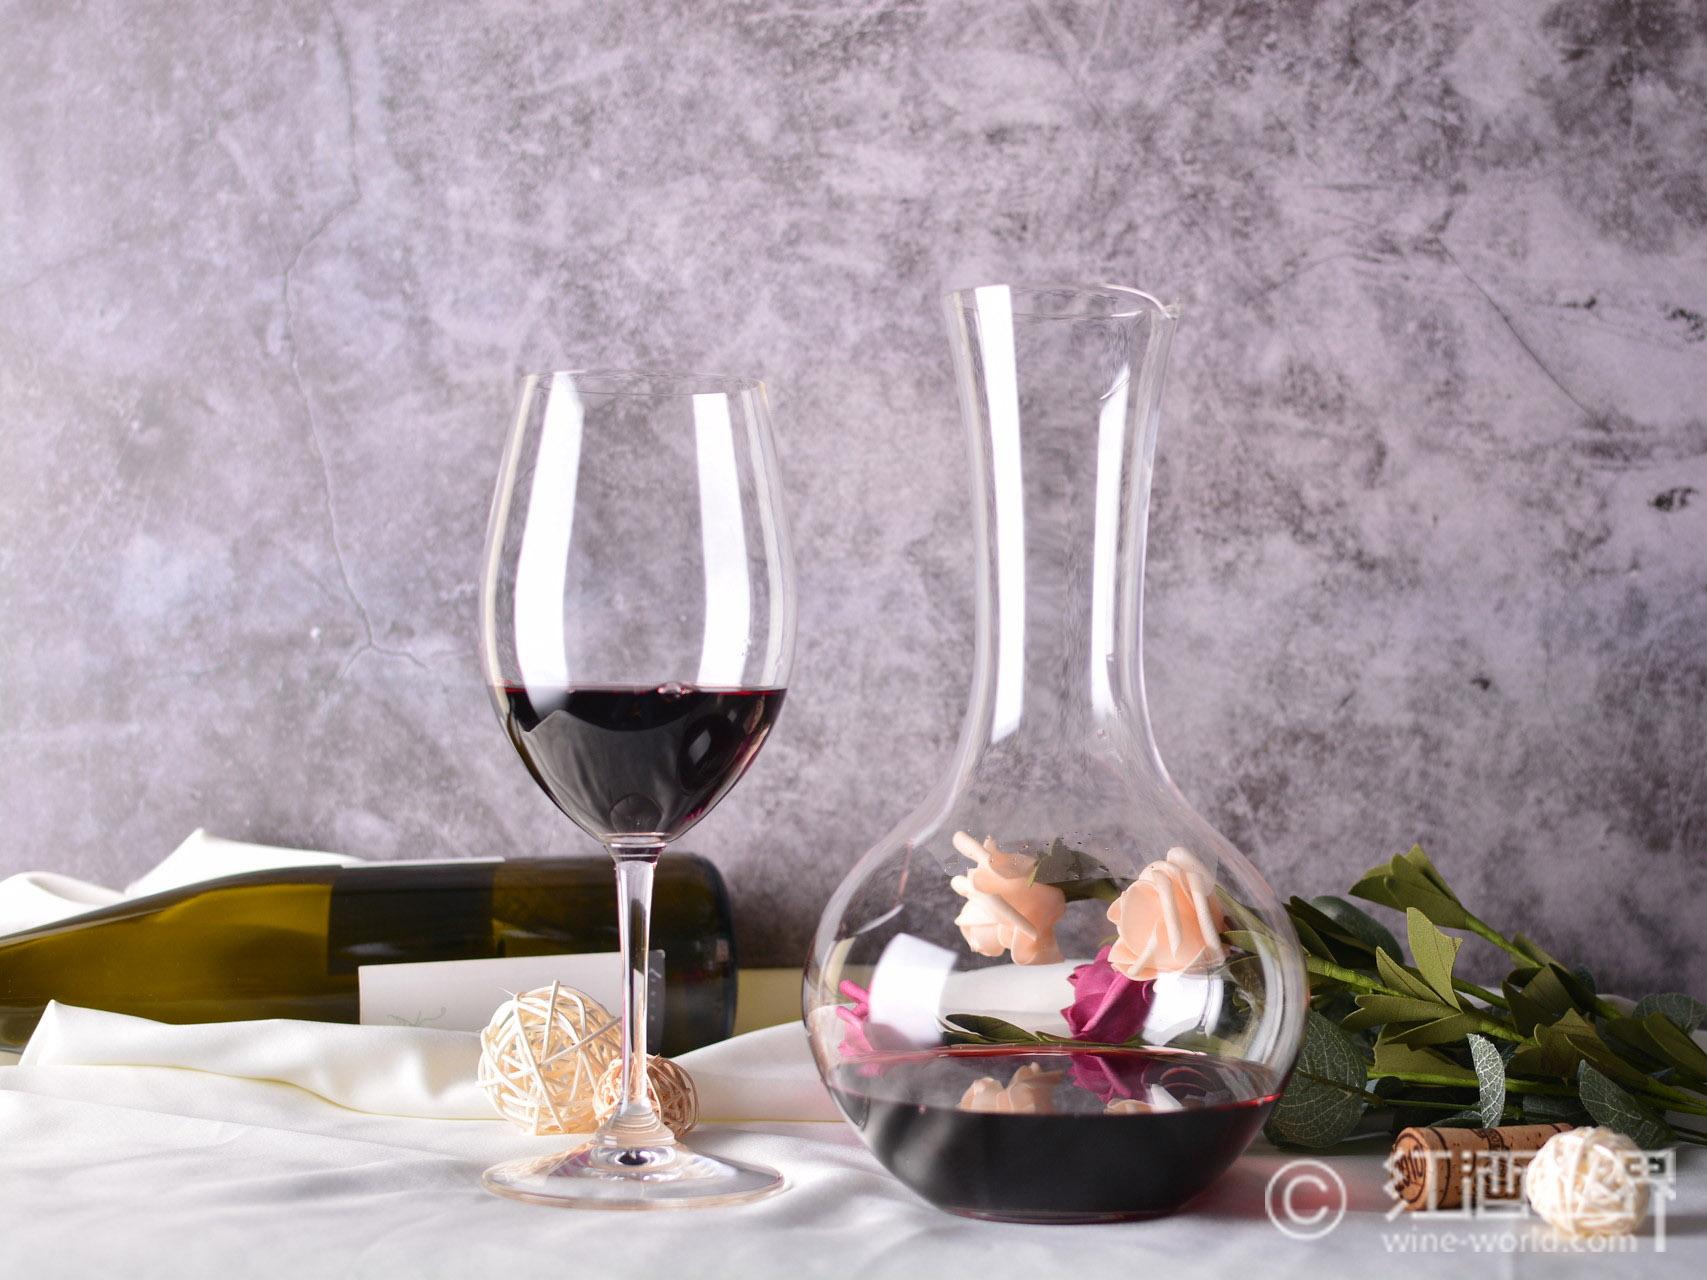 解密意大利瓦坡里切拉葡萄酒